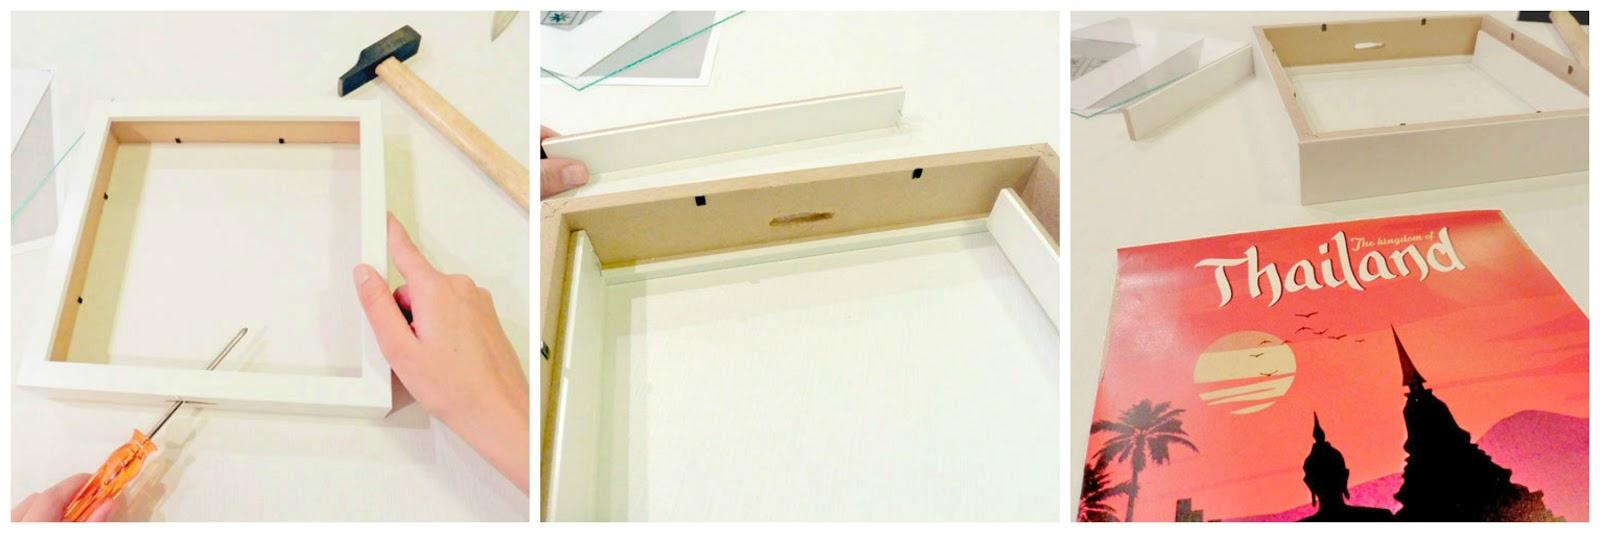 Recetas fáciles, manualidades y DIY: Ikea Hack: Como hacer una hucha ...